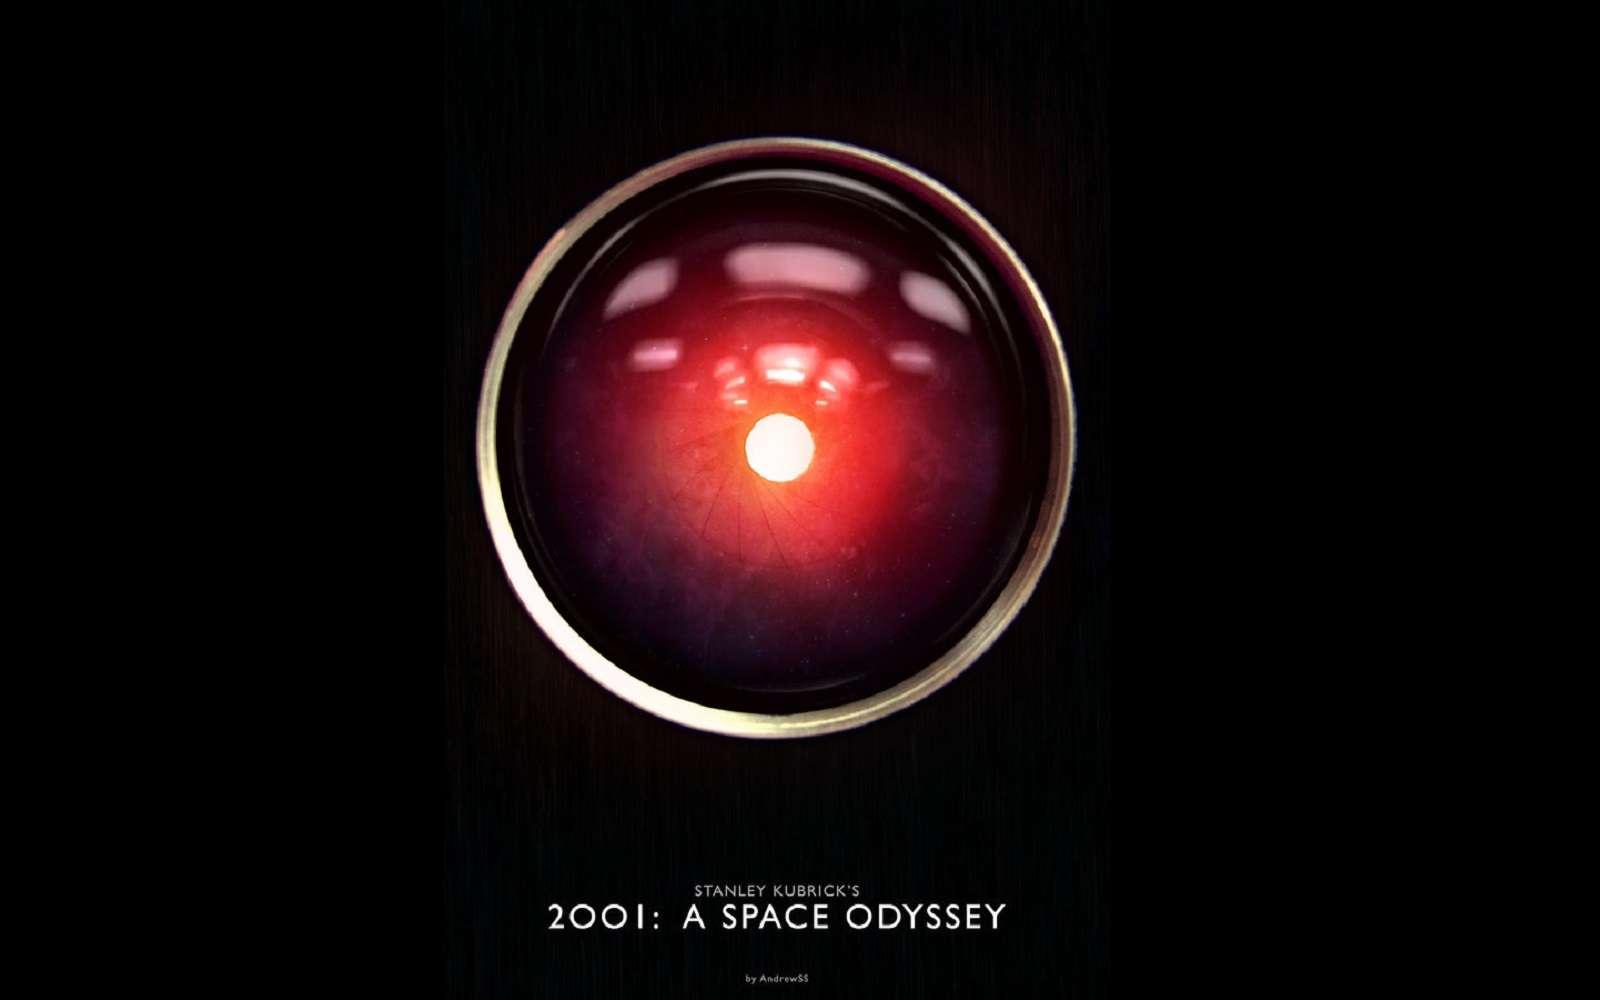 Pete Bonasso a développé une IA pour gérer les futures bases sur d'autres planètes, en s'inspirant du superordinateur meurtrier HAL 9000 de 2001, l'Odyssée de l'espace. © Warner Bros